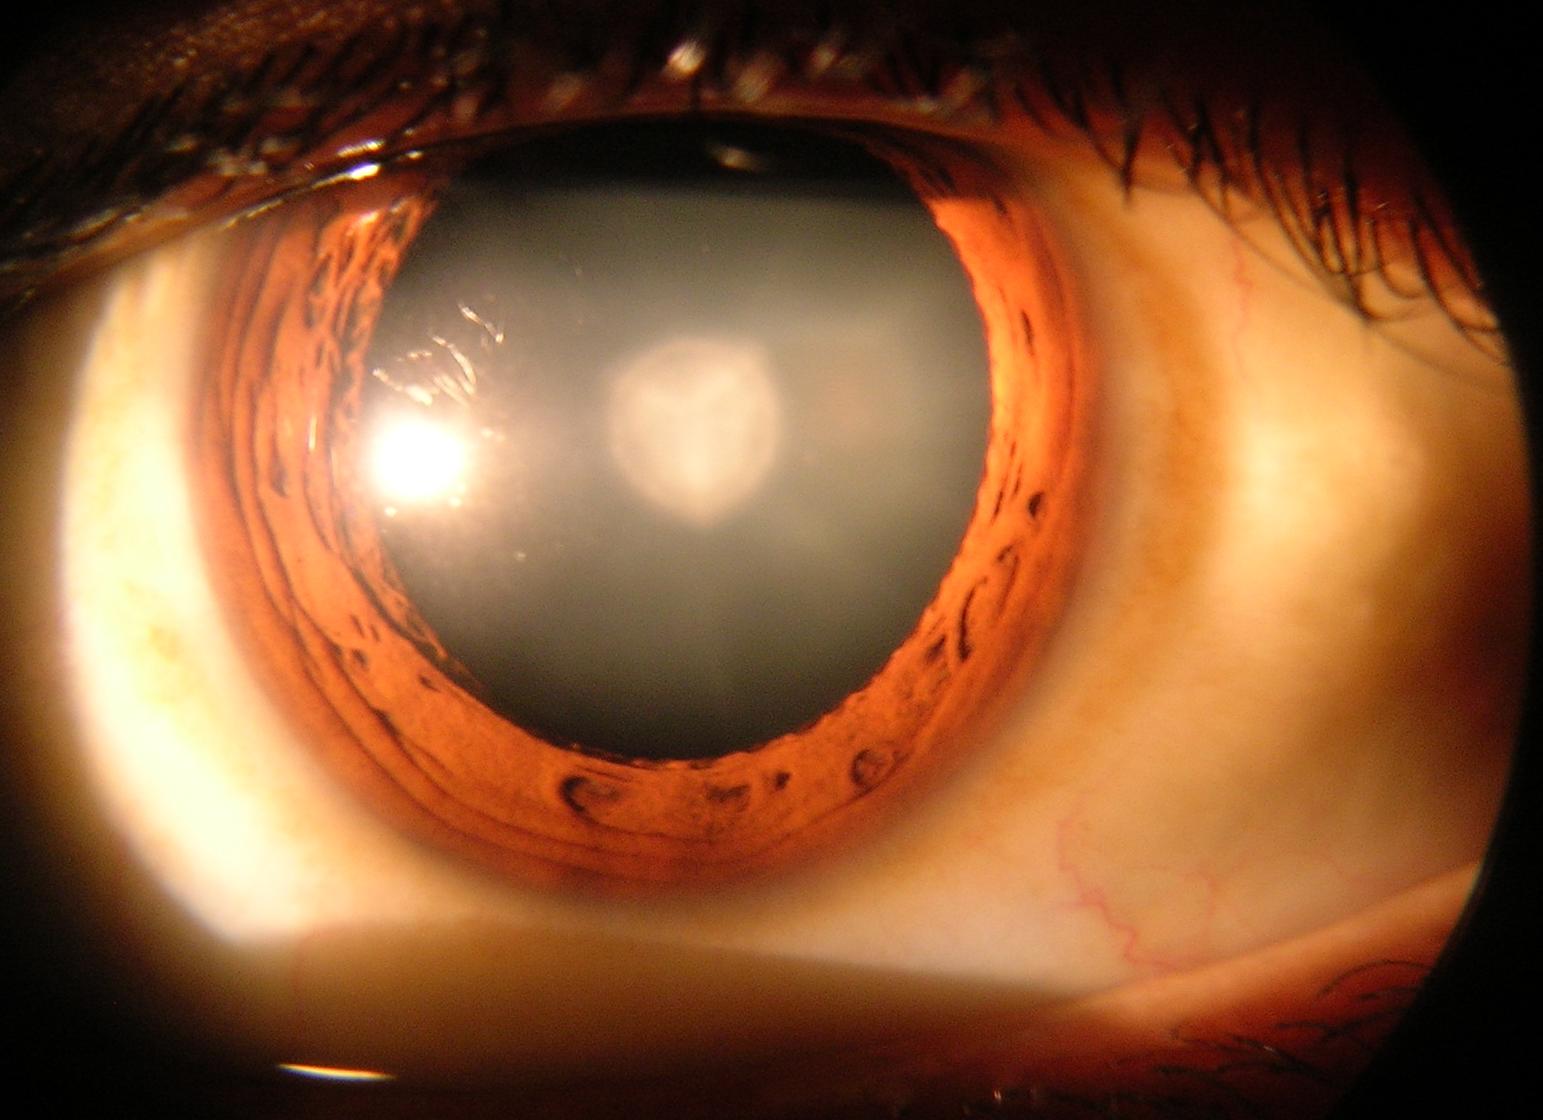 látás helyreállítása Bates asztal glaukóma szemlátás